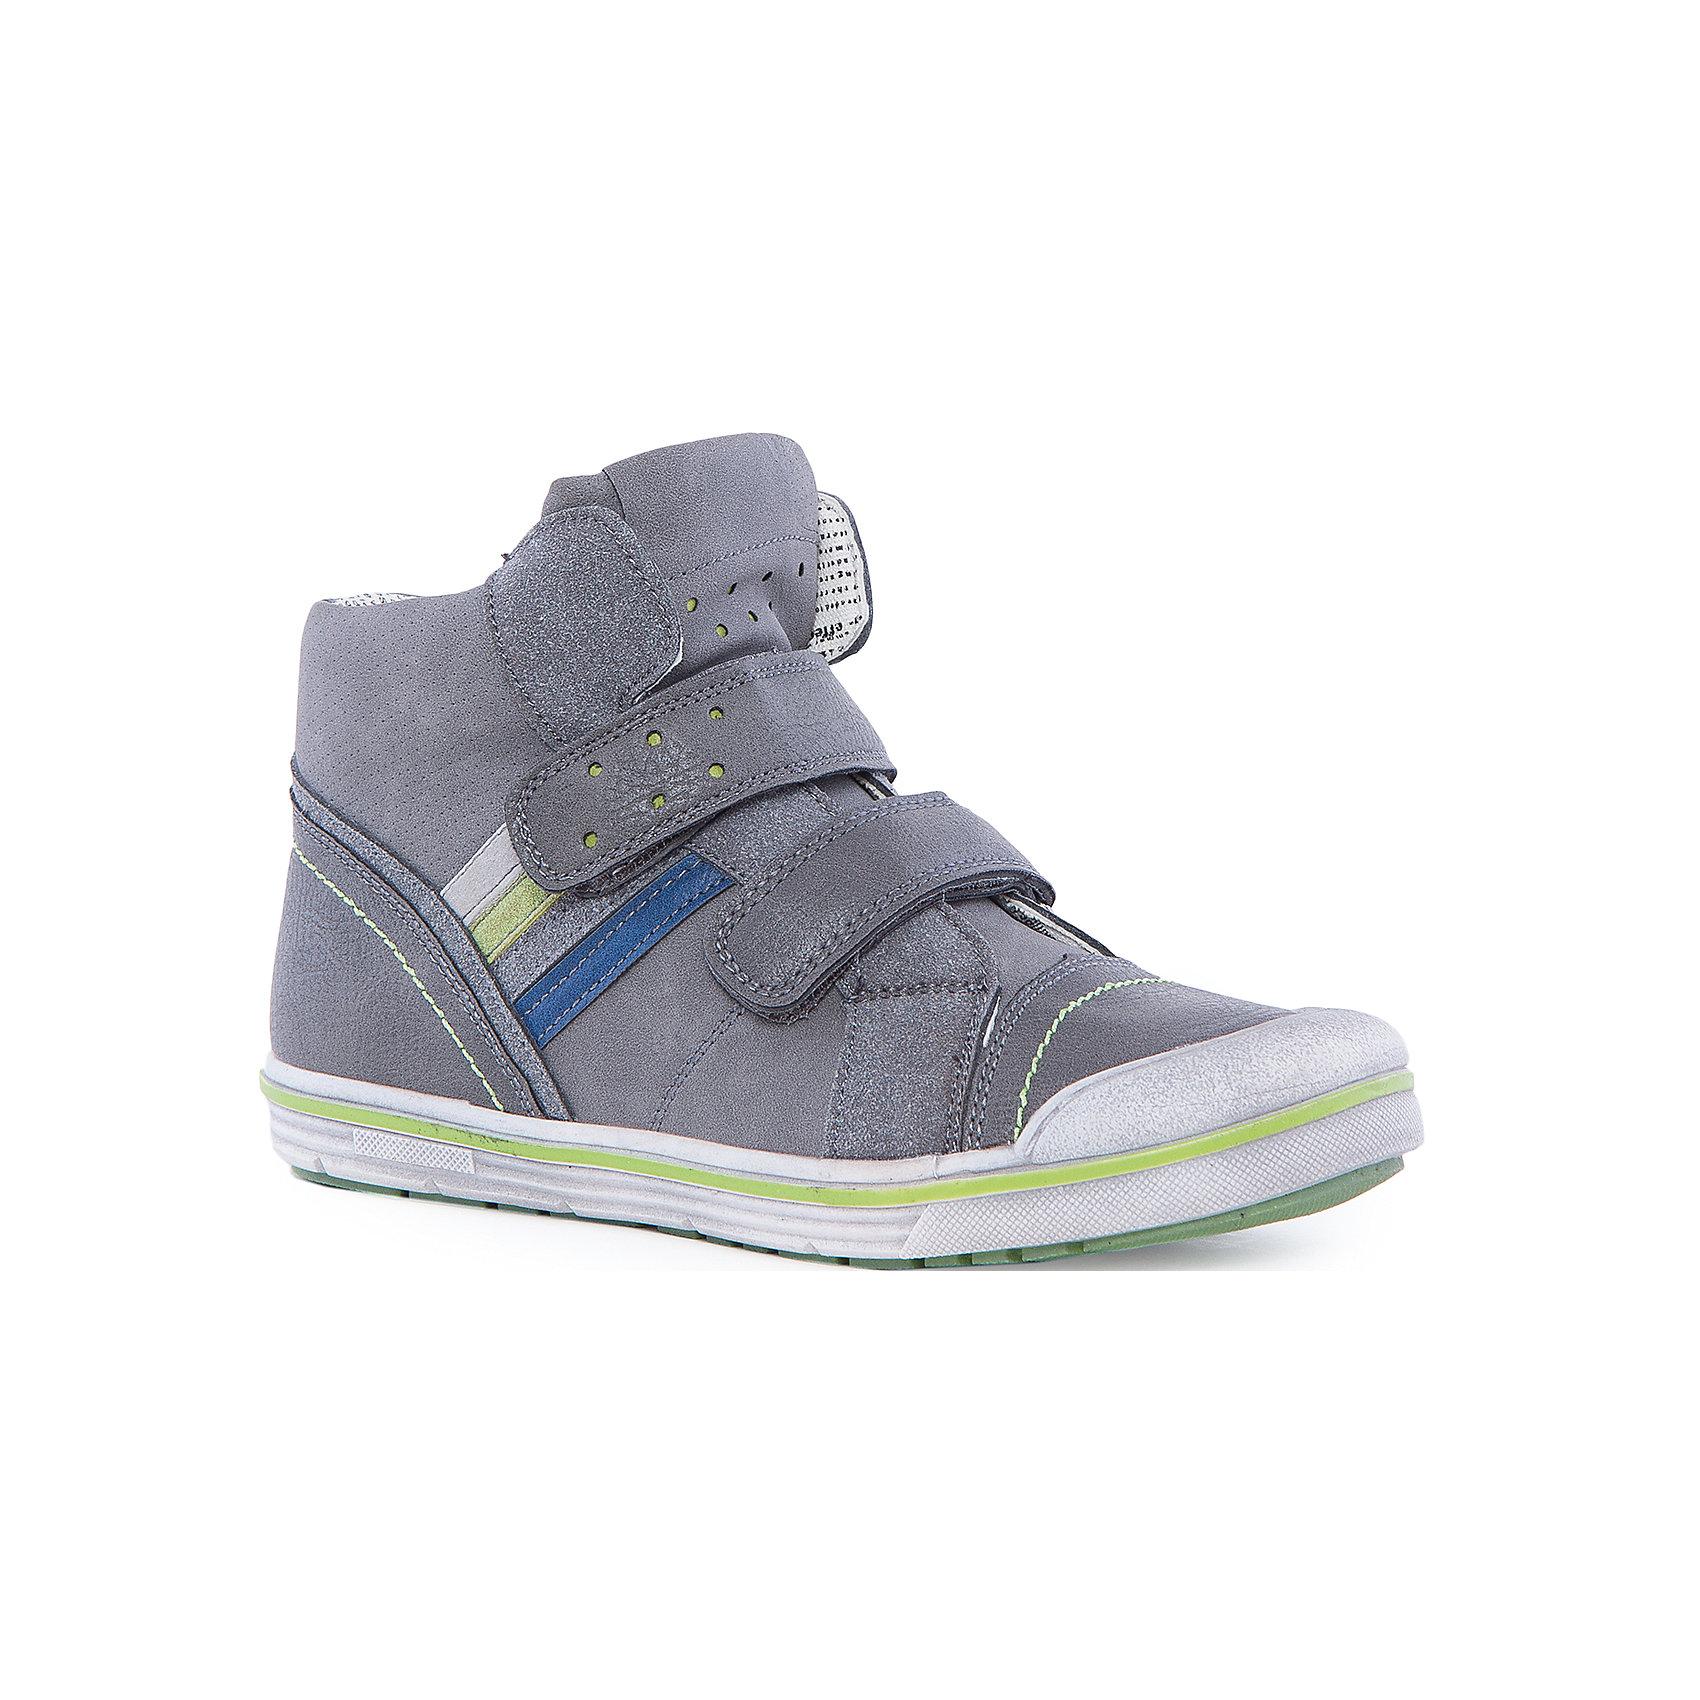 Ботинки для мальчика ScoolБотинки<br>Стильные ботинки от известного бренда Scool выполнены из высококачественных материалов, прекрасно подойдут для прохладной погоды. Модель на высокой гибкой подошве с твердым задником отлично защищает ноги ребенка. Ботинки застегиваются на липучки и молнию. Стильный серый цвет с деталями из темно-синего и темно-салатового цвета в сочетании со стильной подкладкой, декорированной под газету придут по вкусу вашему ребенку.  <br><br>Дополнительная информация:<br>- Высокий задник<br>- Гибкая подошва<br>- Сезон: осень/весна.<br>- Тип застежки: липучка, молния<br>Состав:<br>- Верх: искусственная кожа<br>- Подкладка: текстиль.<br>- Подошва: резина.<br>- Стелька: натуральная кожа.<br>Ботинки для мальчика, Scool, можно купить в нашем магазине.<br>Подробнее:<br>• Для детей в возрасте: от 9 до 14 лет<br>• Номер товара: 4911329<br>Страна производитель: Китай<br><br>Ширина мм: 262<br>Глубина мм: 176<br>Высота мм: 97<br>Вес г: 427<br>Цвет: серый<br>Возраст от месяцев: 156<br>Возраст до месяцев: 168<br>Пол: Мужской<br>Возраст: Детский<br>Размер: 37,34,35,38,33,32,31,36<br>SKU: 4911328